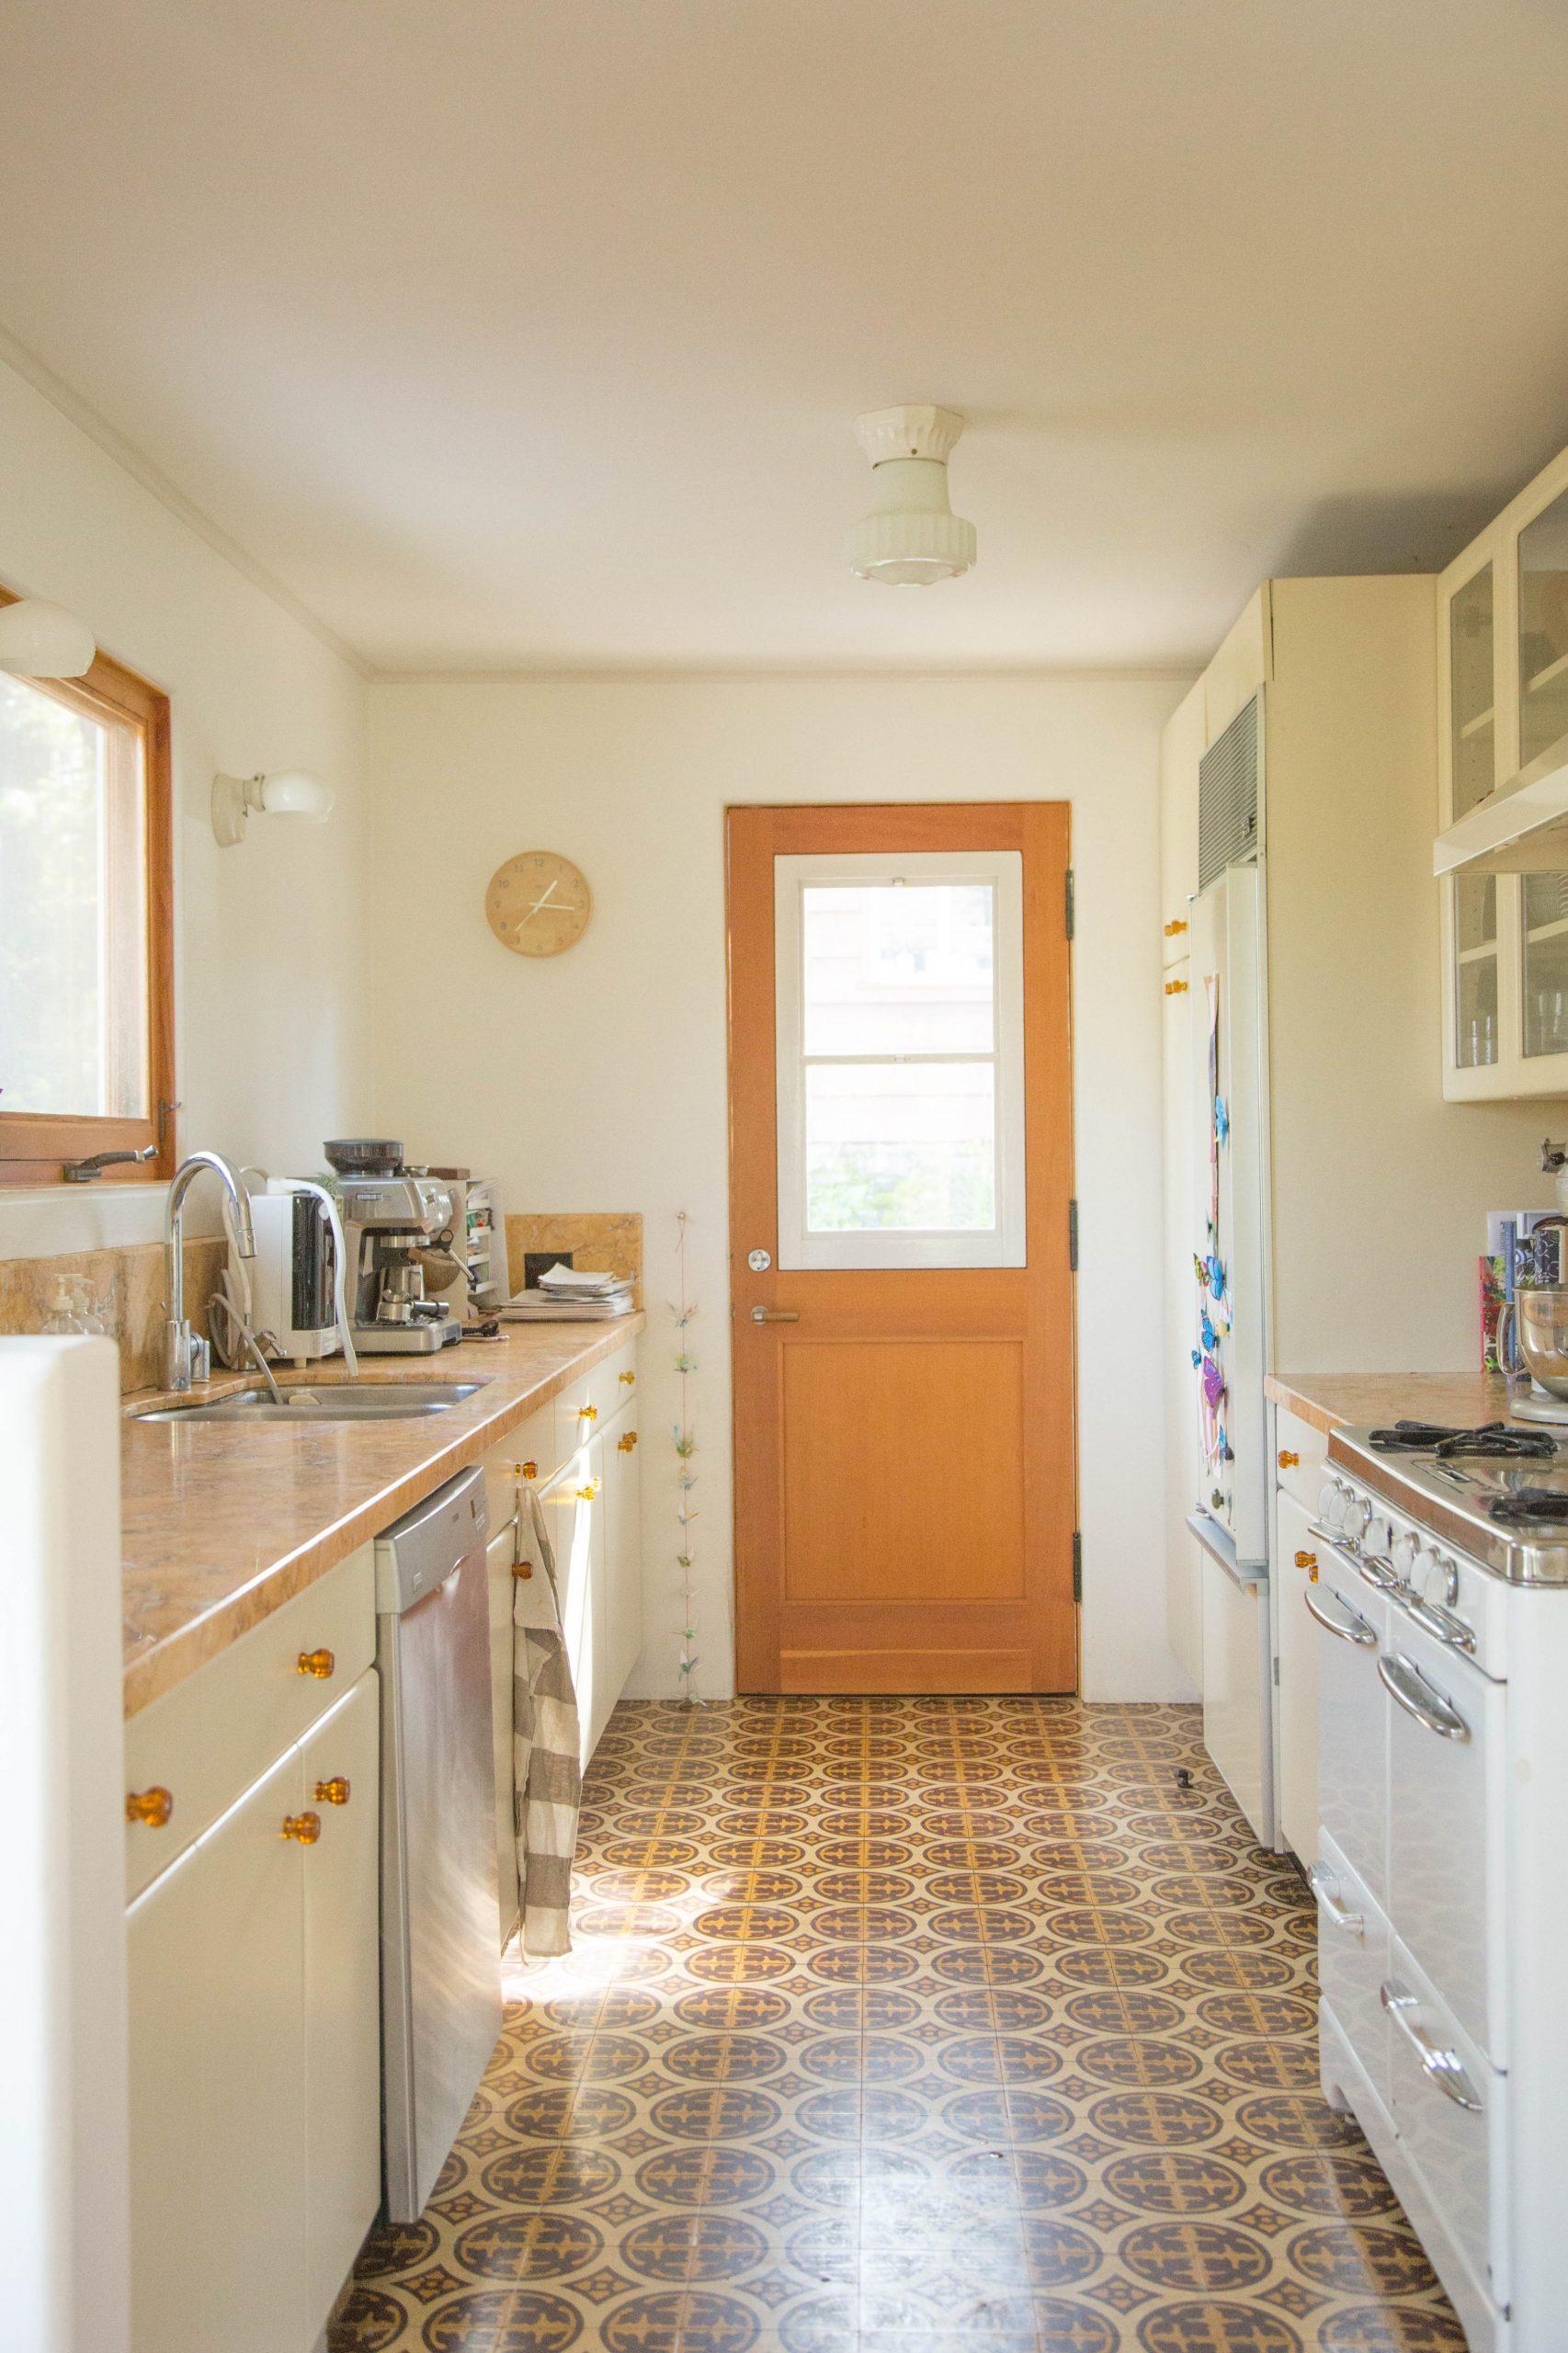 11 Galley Kitchen Ideas - Photo of Cool Galley Kitchens  - Diy Galley Kitchen Cabinet Ideas